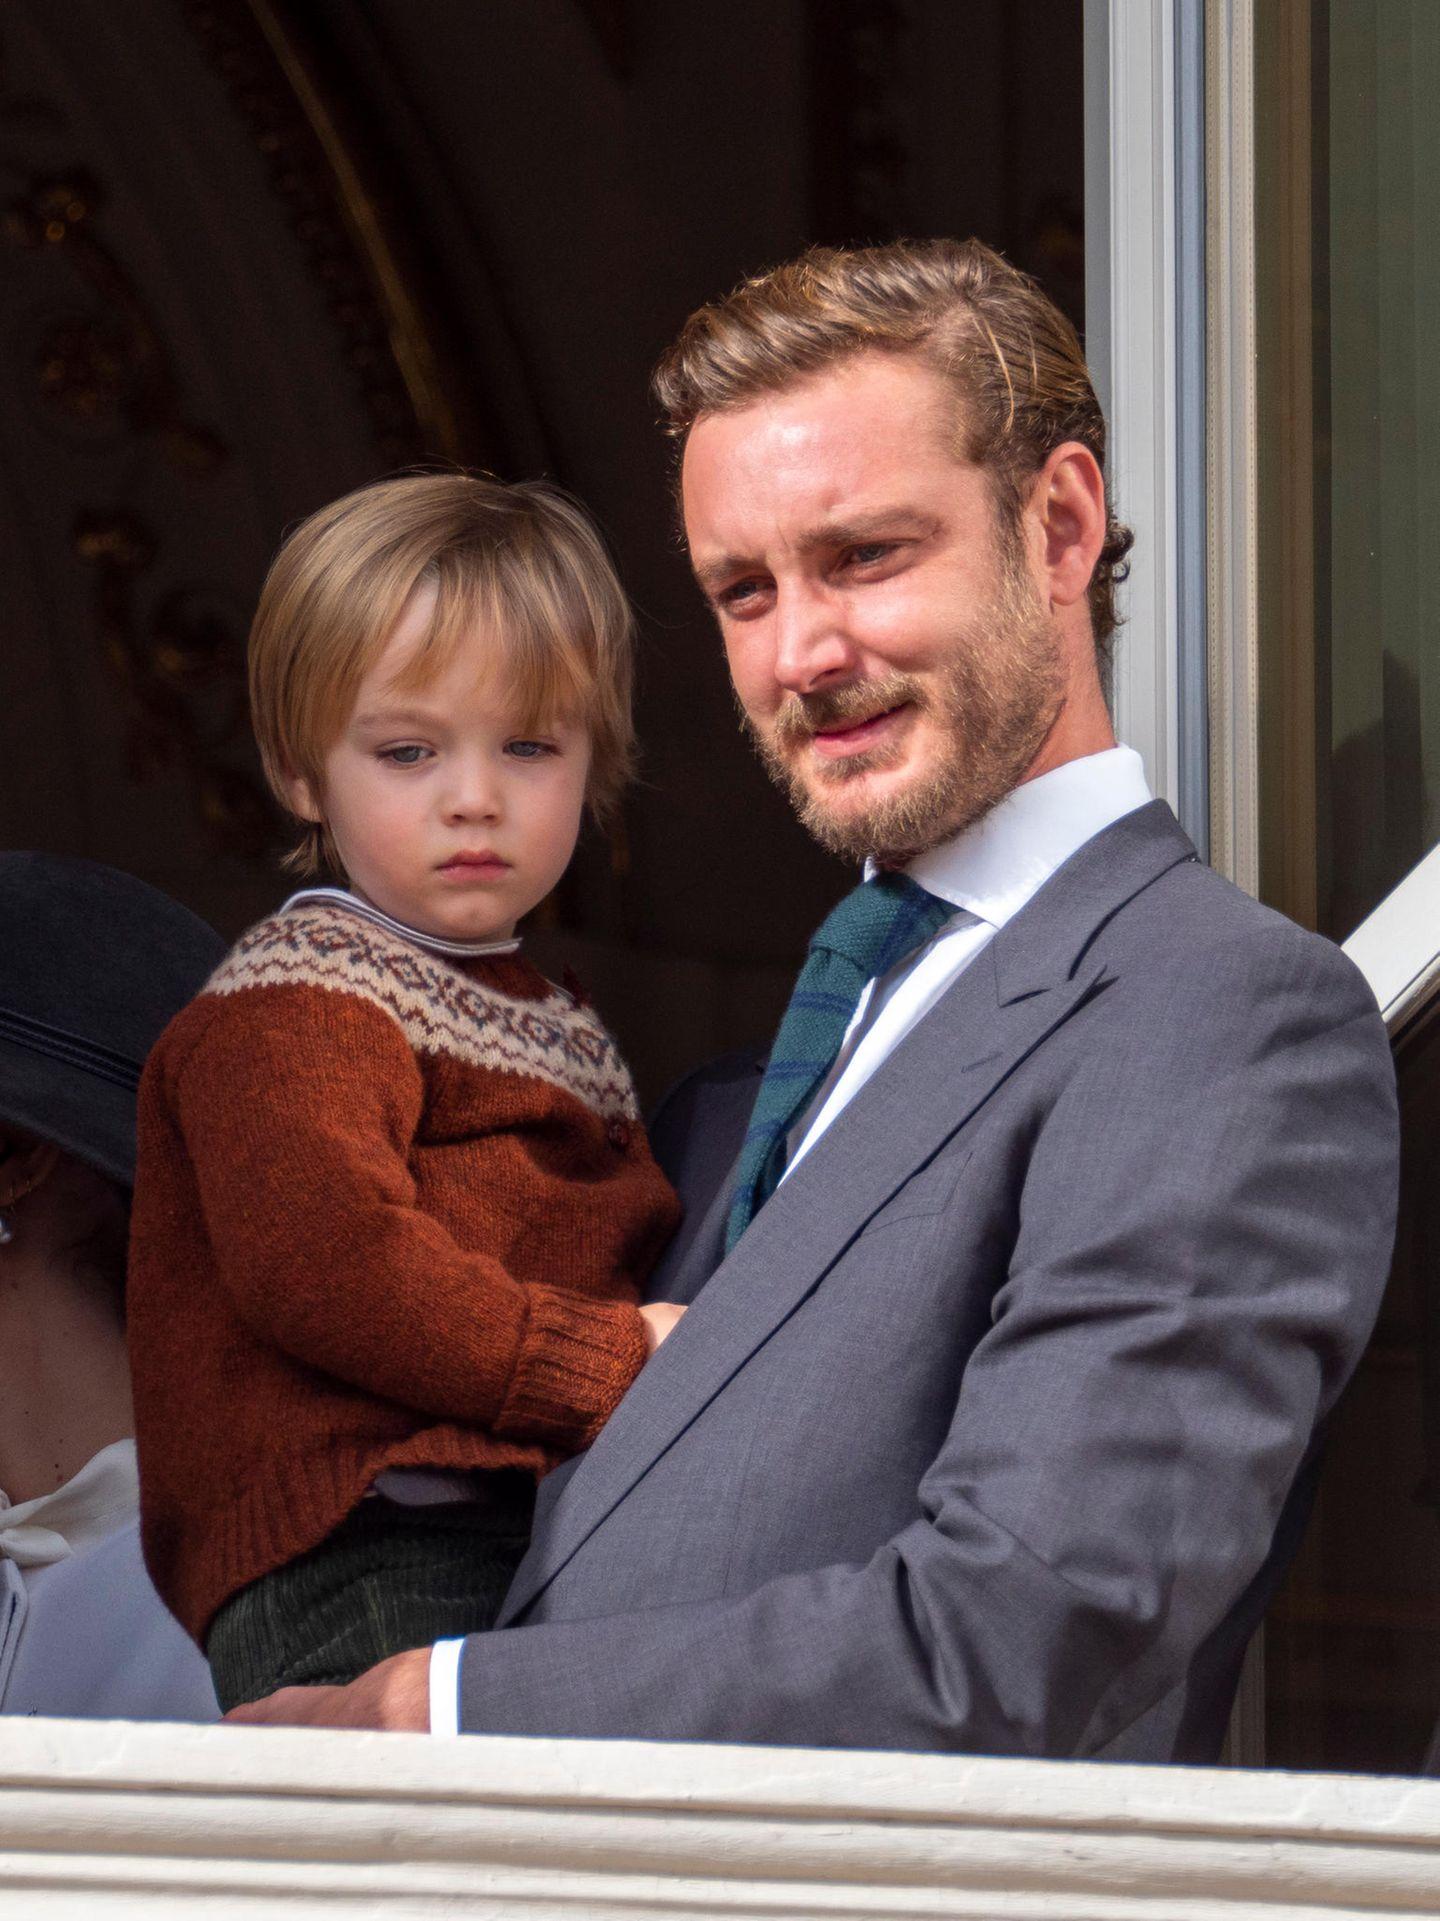 La Fête du Prince 2019: So ganz geheuer scheinen die vielen wartenden Fans dem kleinen Francesco Casiraghi nicht zu sein. Da klammert er sich lieber ganz eng an Papa Pierre.